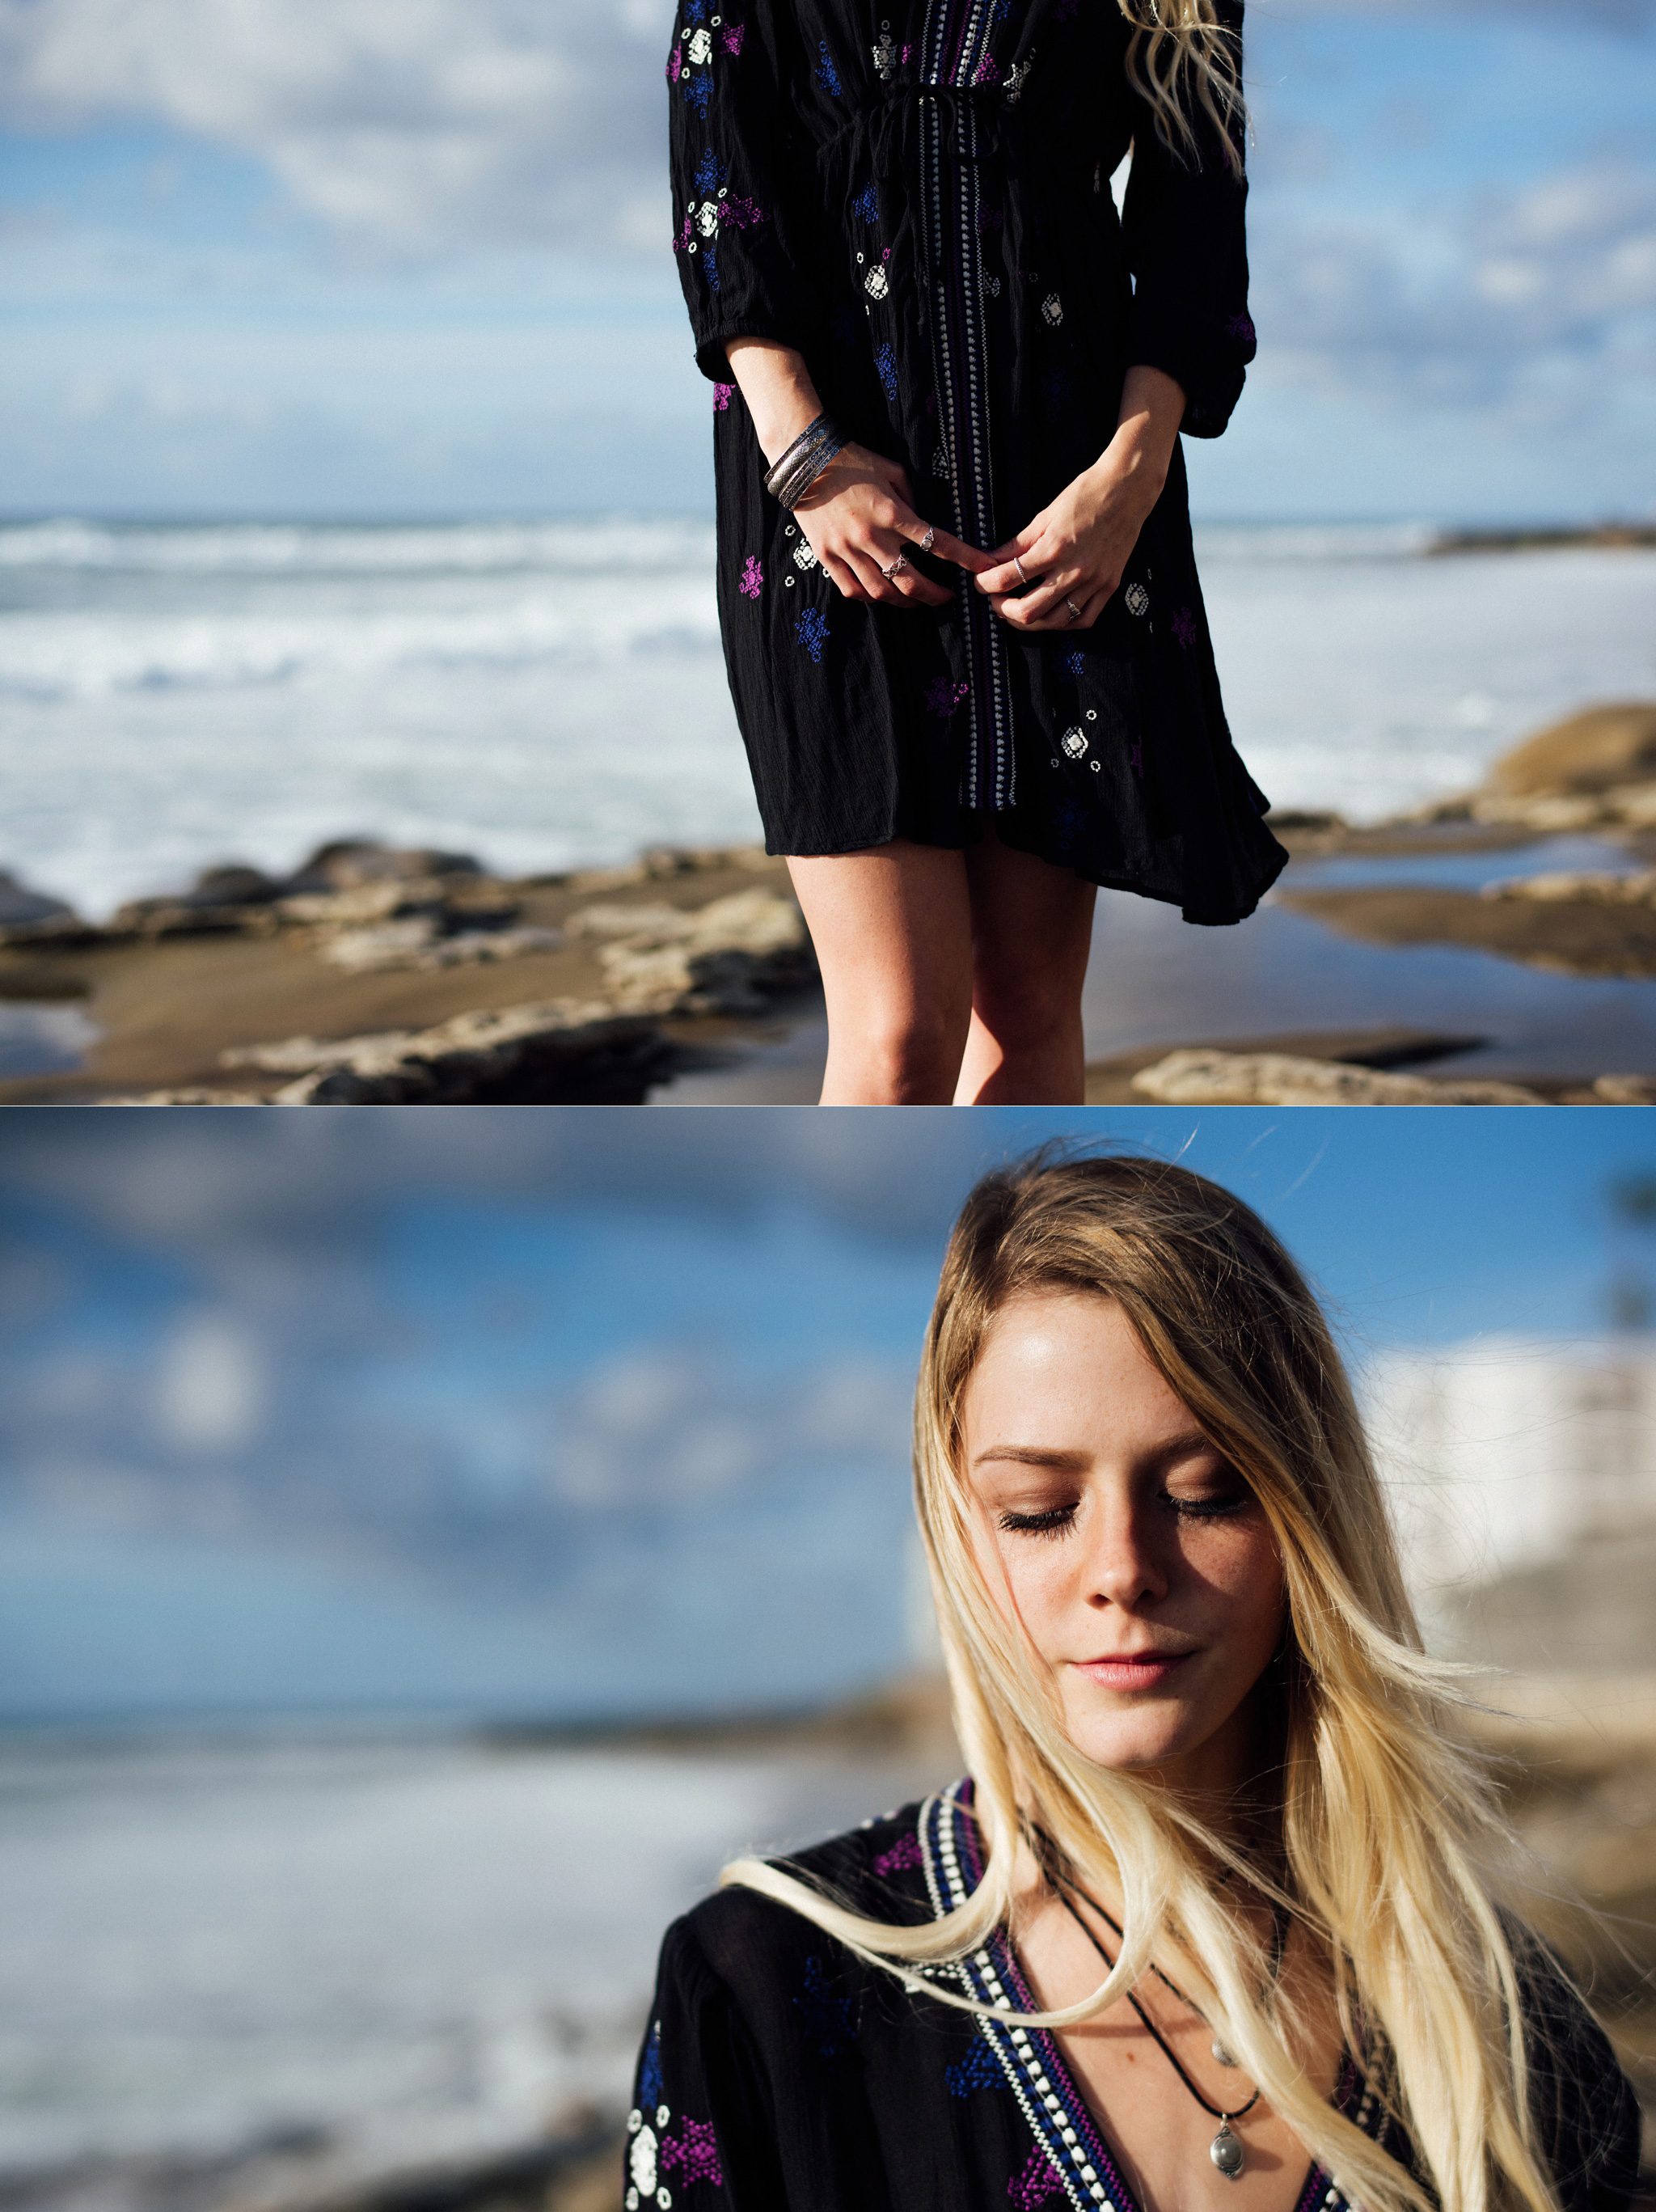 Josh Mitchell Swimwear Photographer 01